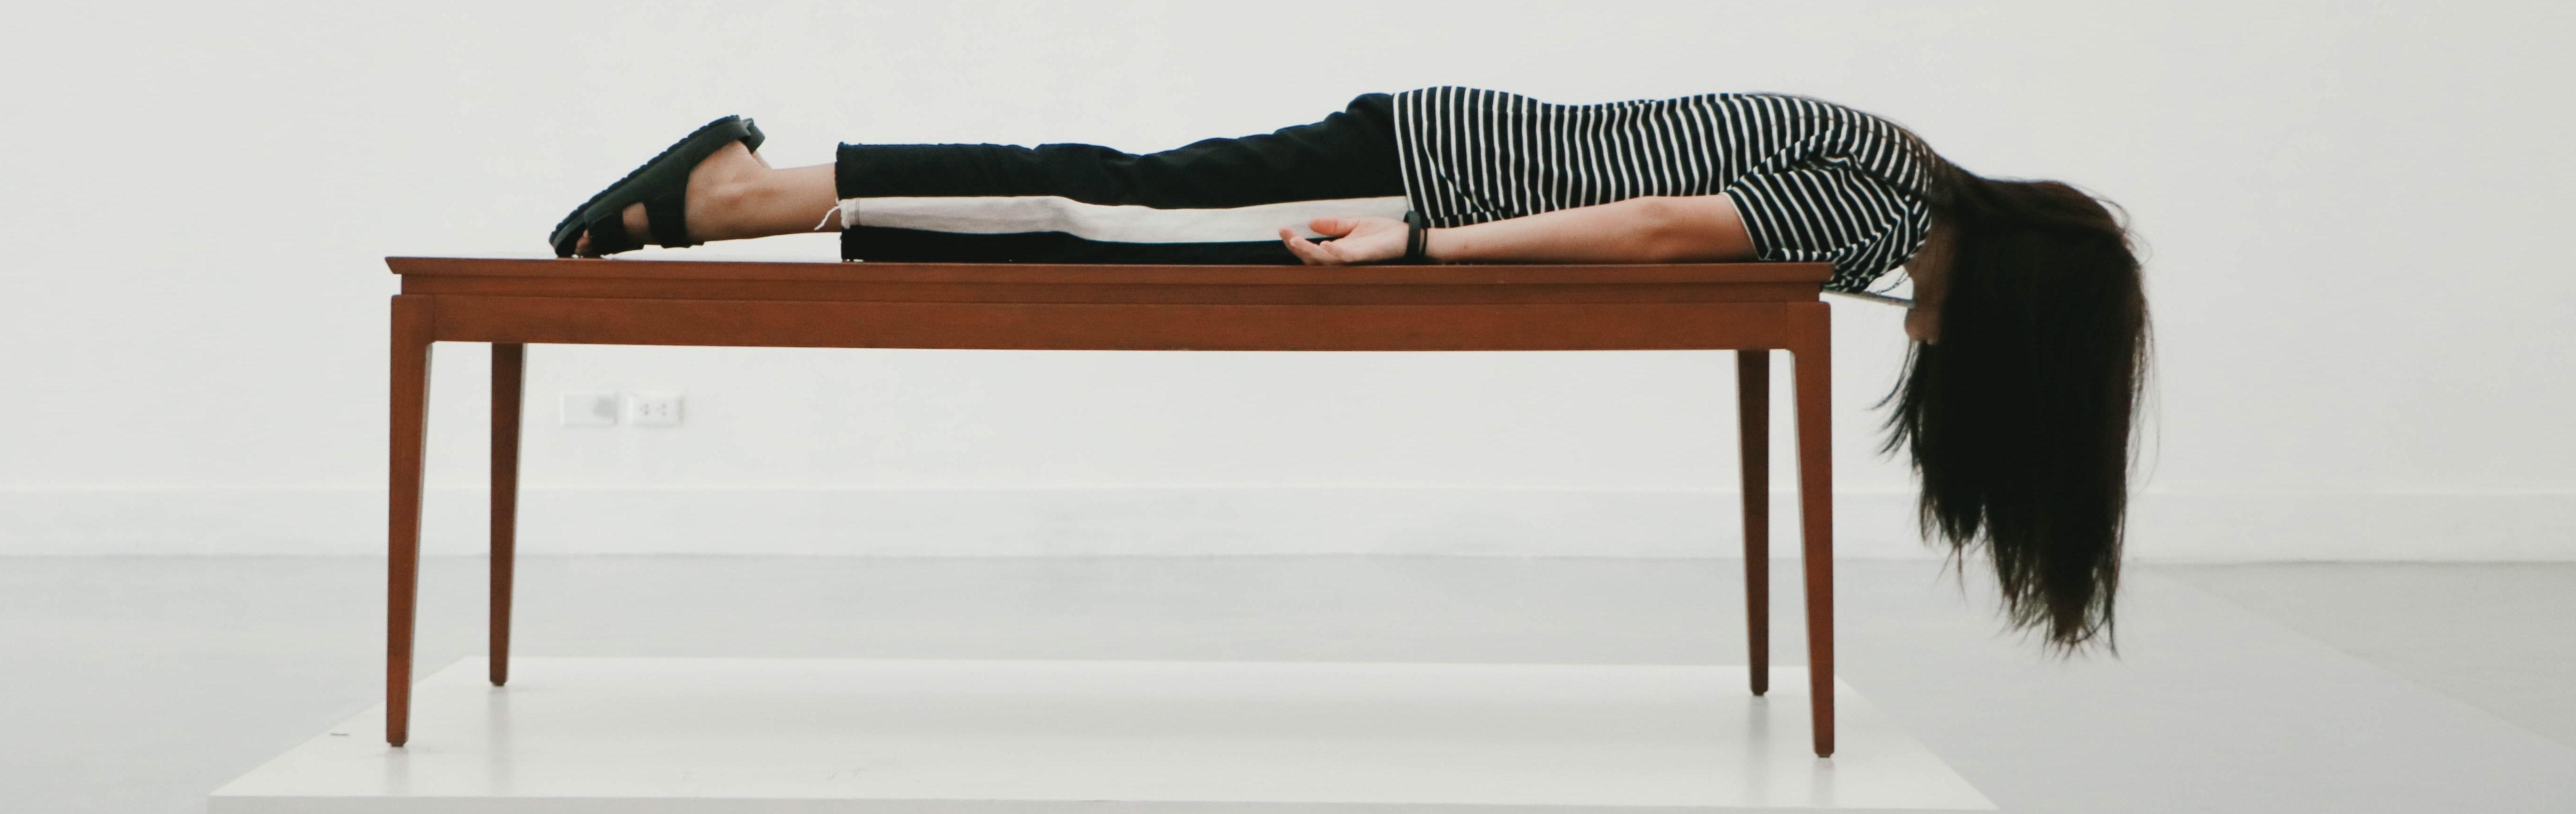 Woman lying on desk